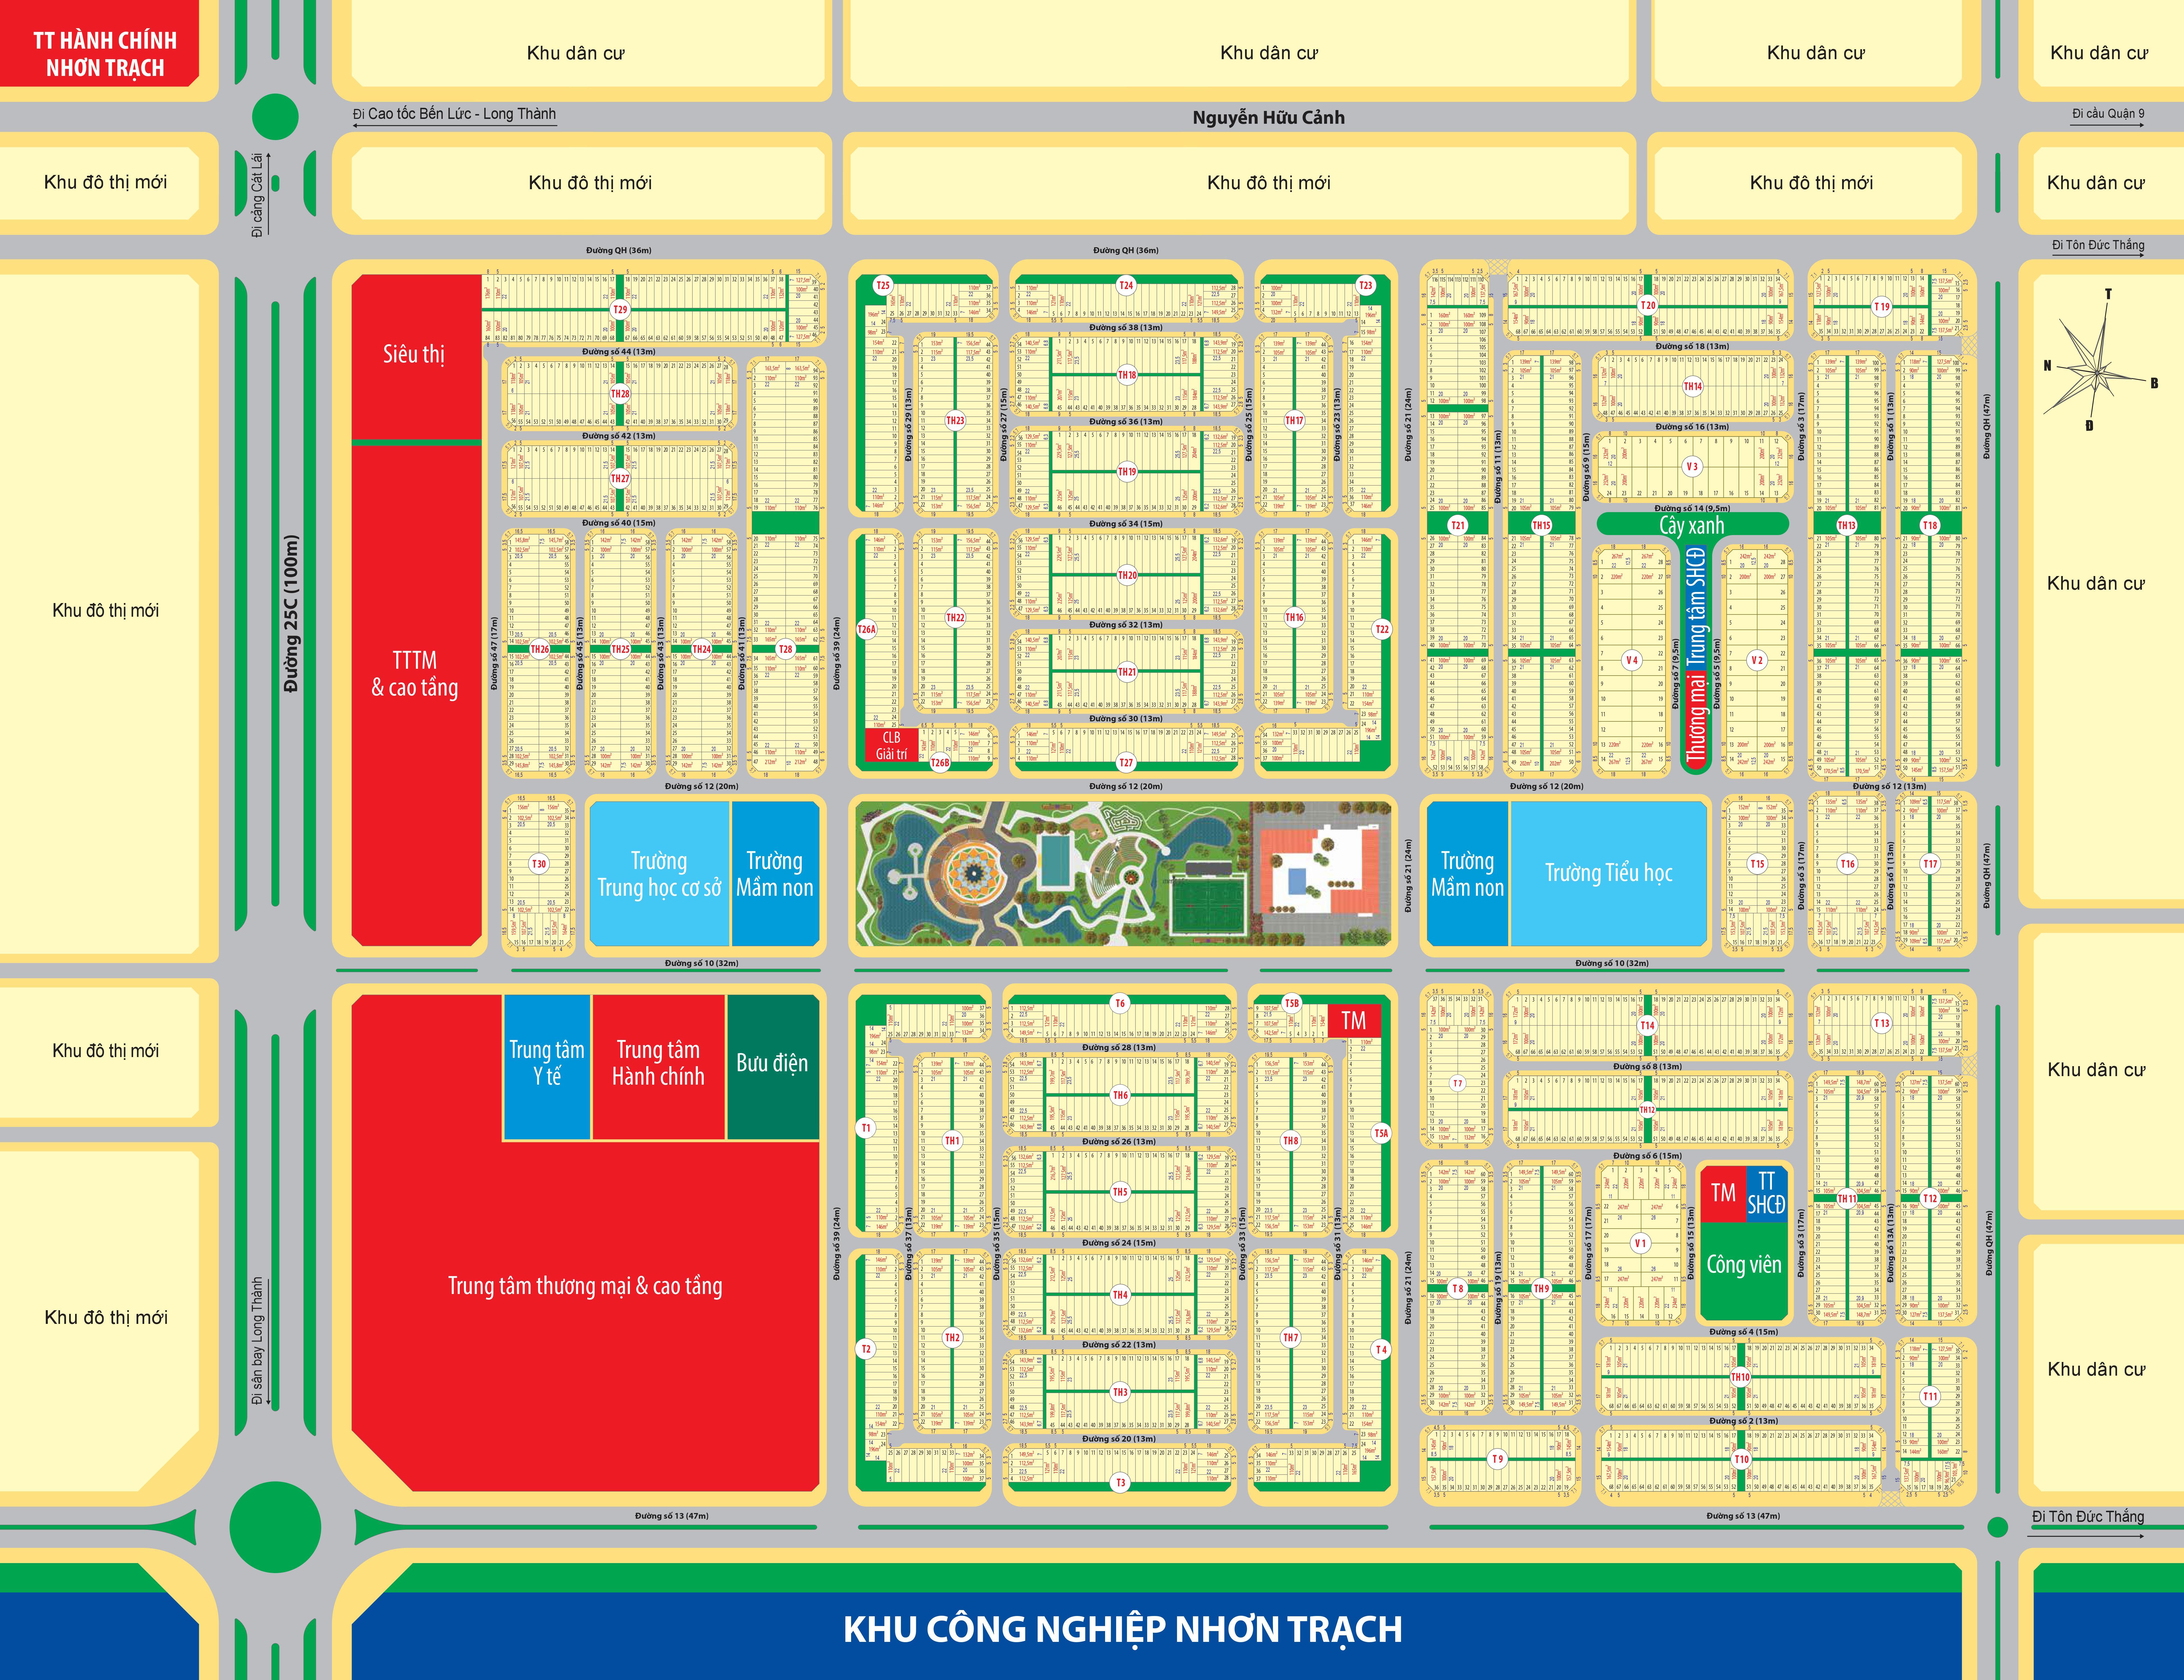 Bản đồ phân lô Khu đô thị Mega City 2 Nhơn Trạch. Rê chuột vào sơ đồ phân lô để xem lớn hơn